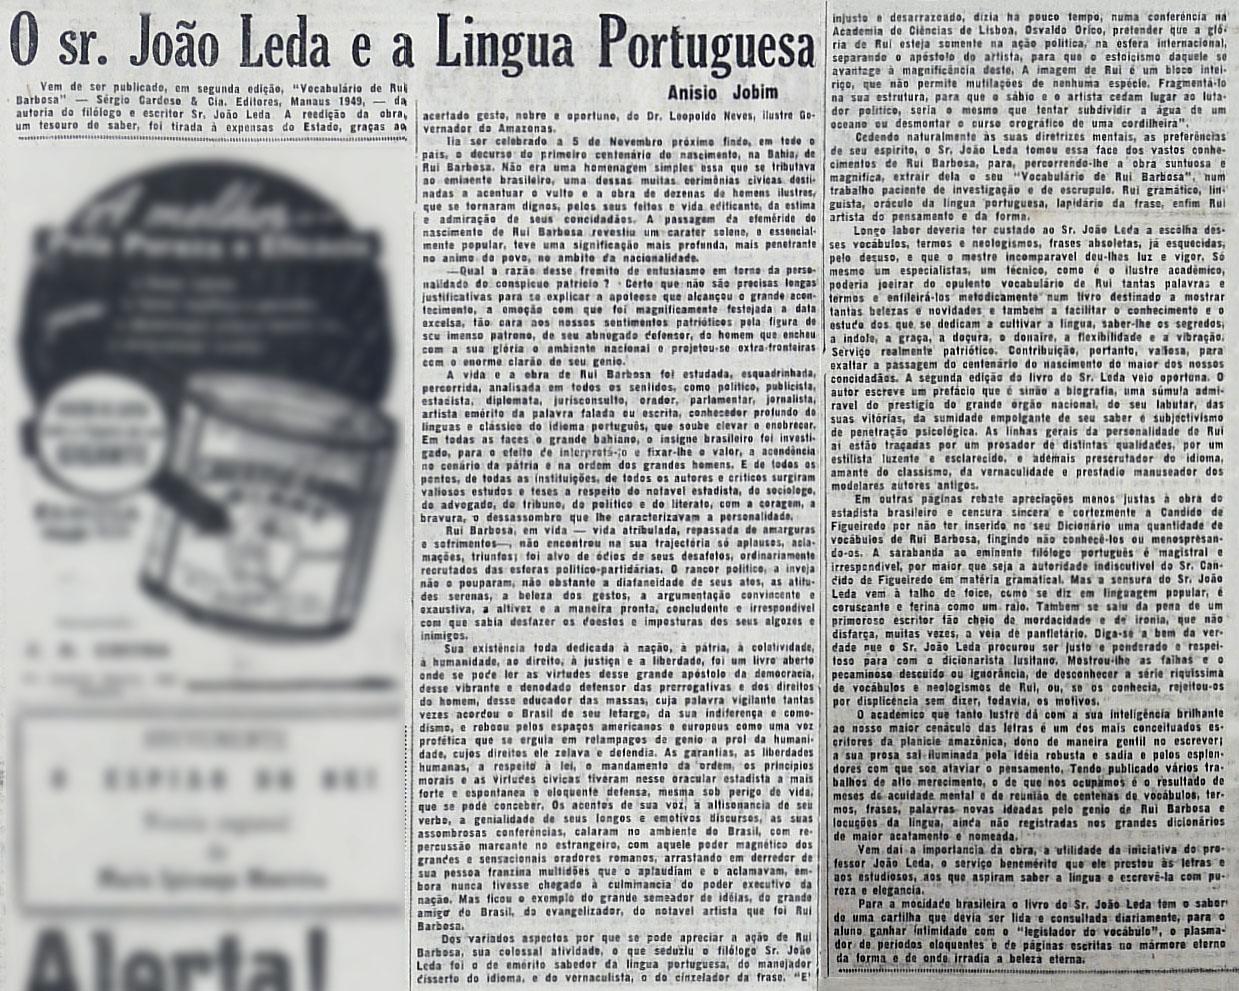 Reedição da obra de João Leda